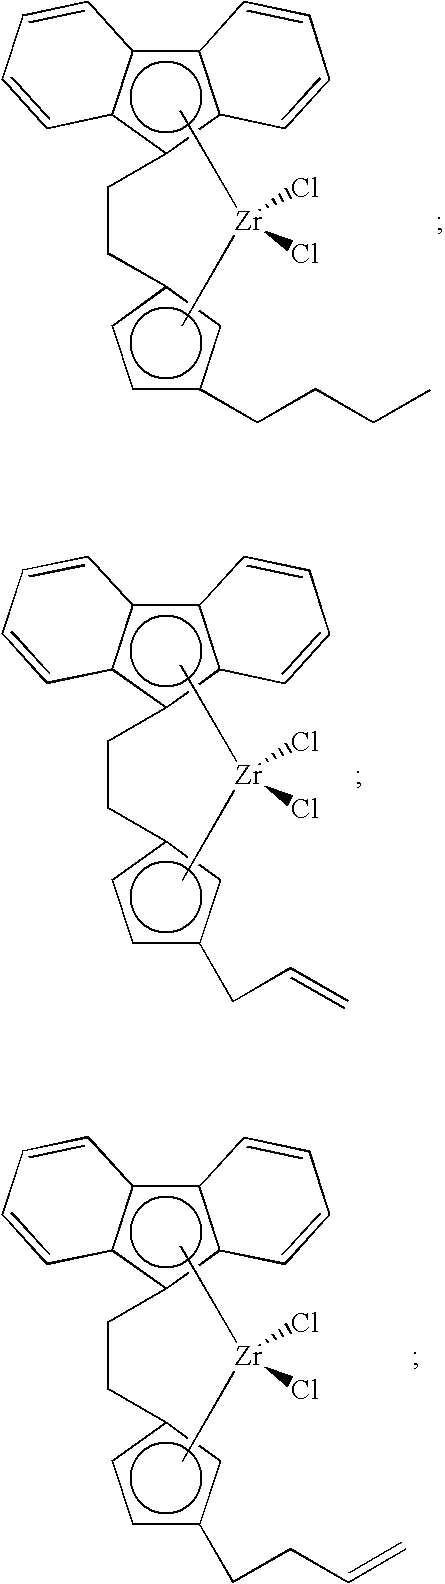 Figure US08329834-20121211-C00025